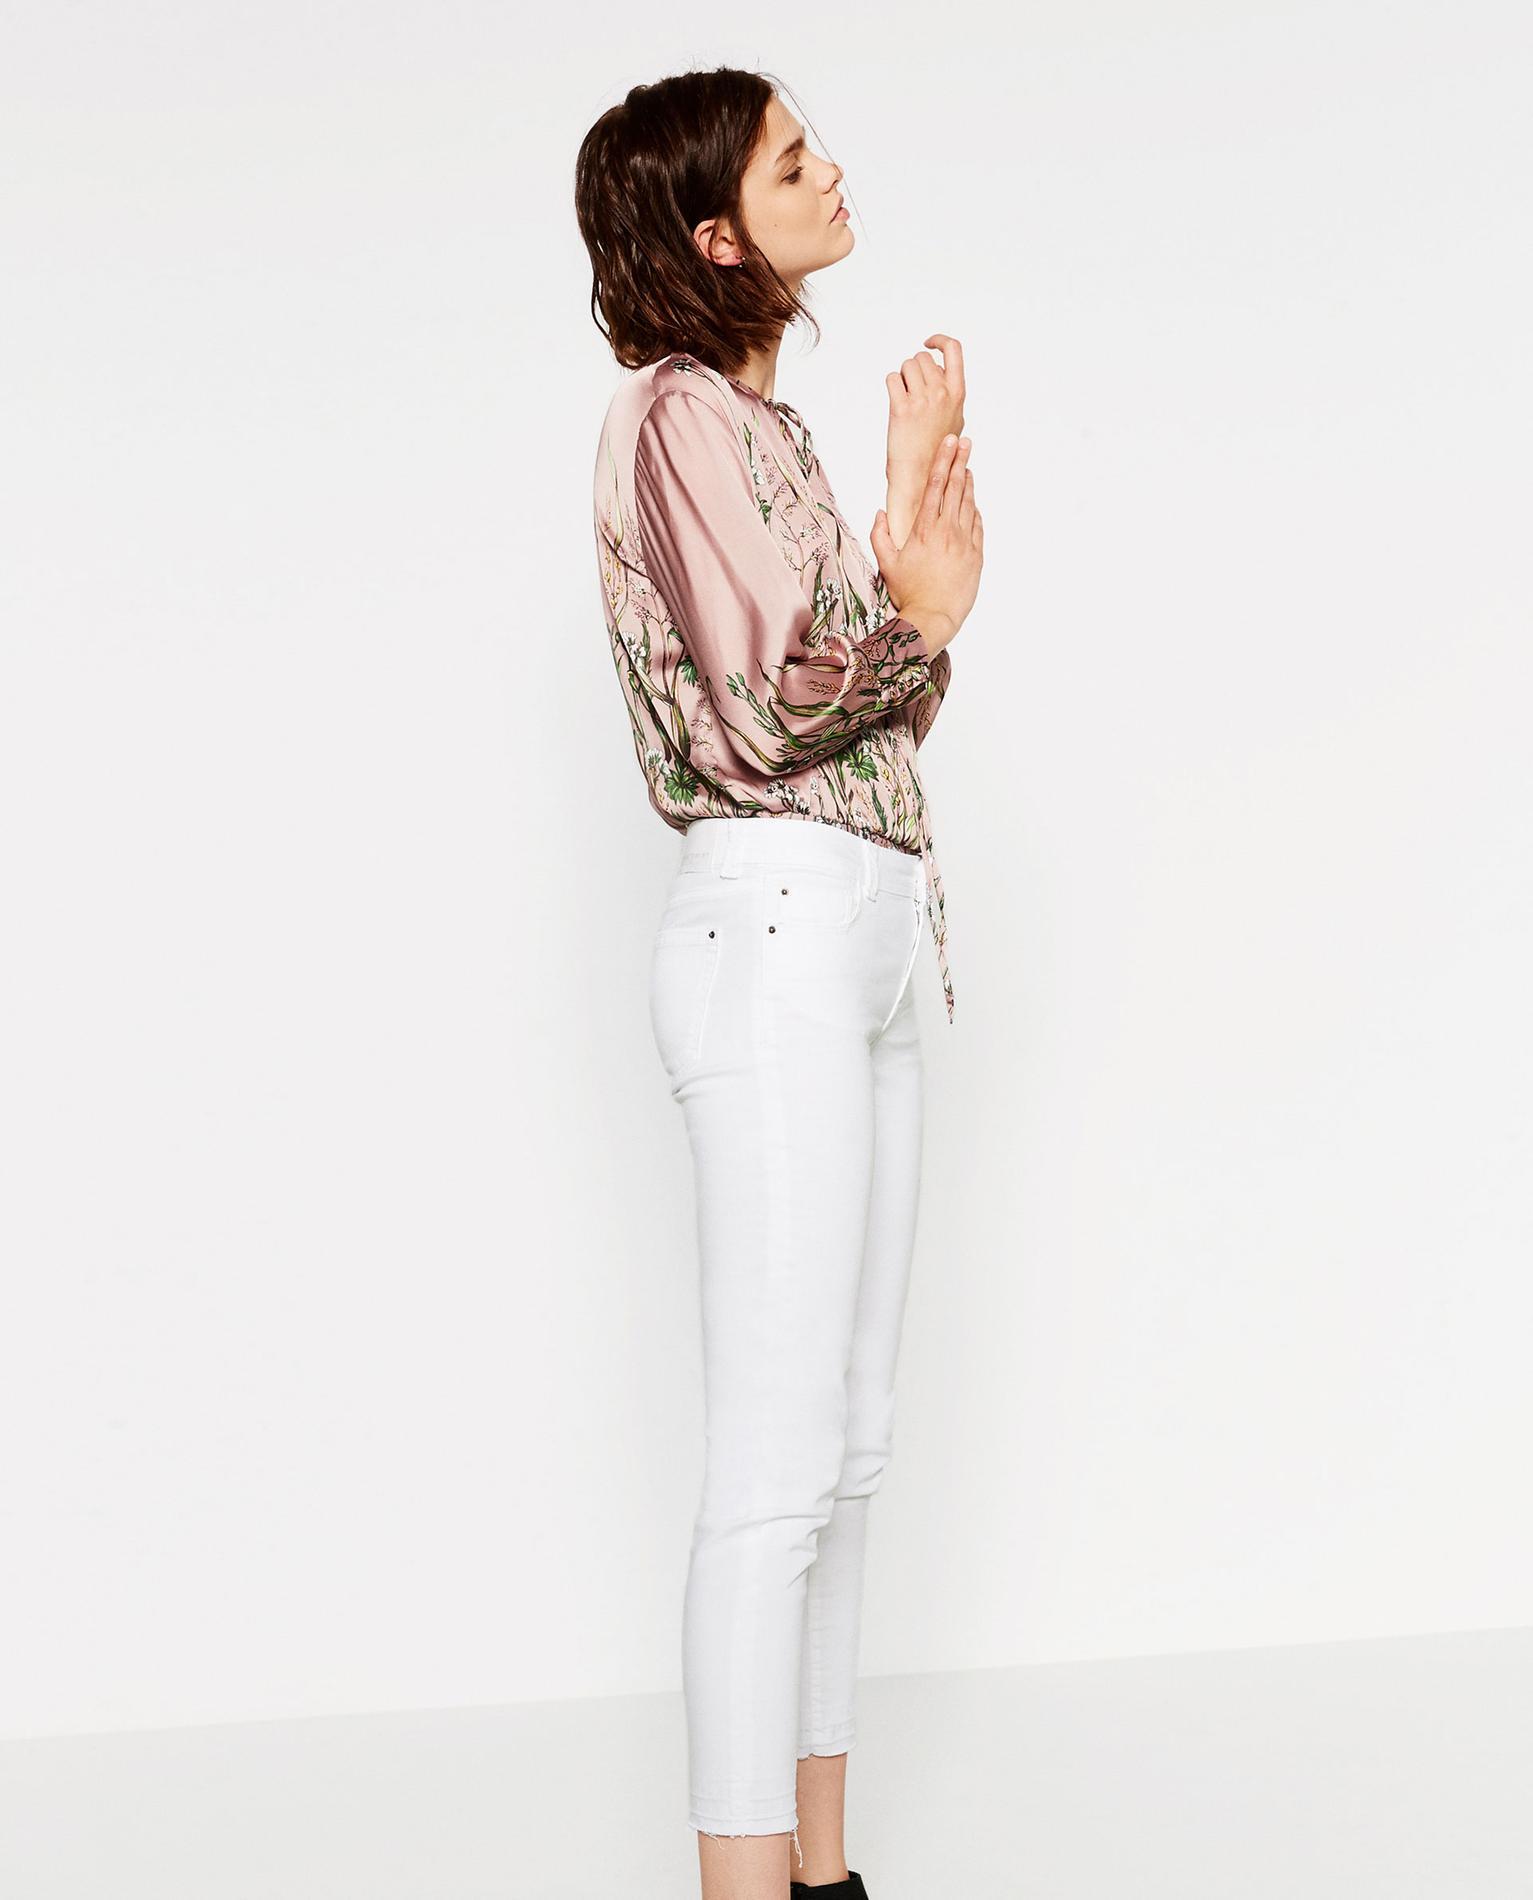 db5a7ac46b92c Michael Kors Comment porter le pantalon blanc ? Dr Denim Comment porter le pantalon  blanc ? AG Jeans Comment porter le pantalon blanc ?